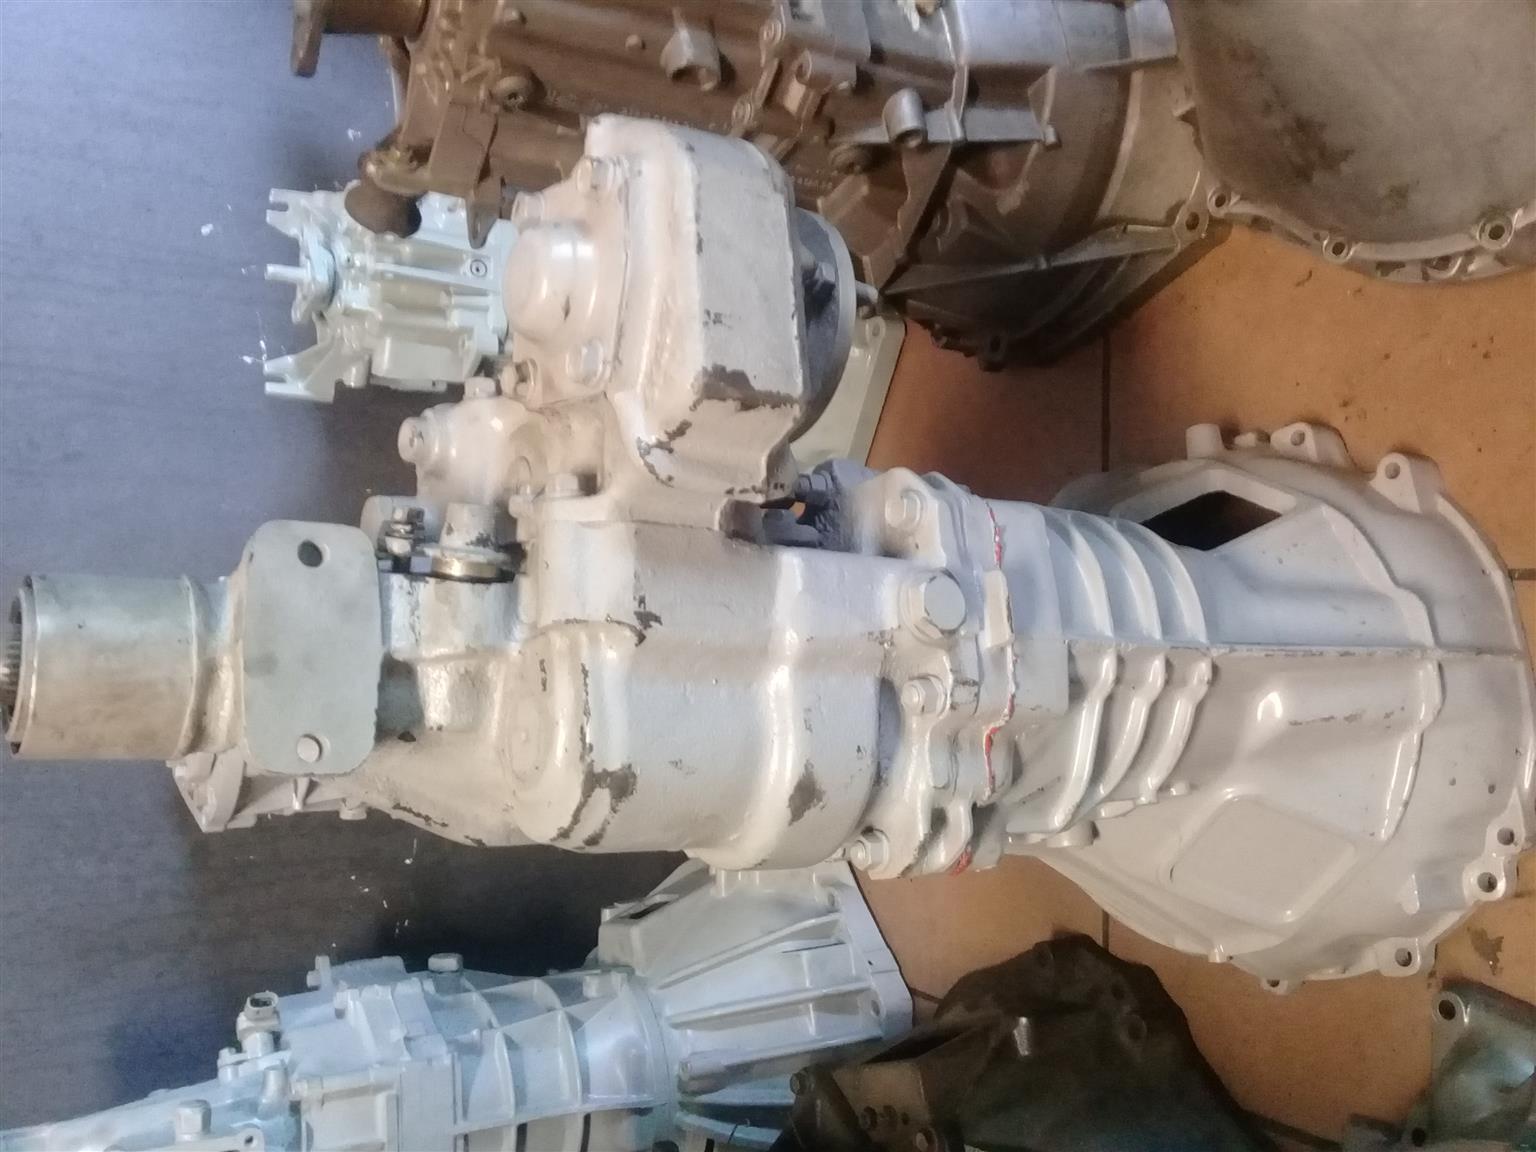 Isuzu kb 2.4 4x4 4 speed Recon gearbox